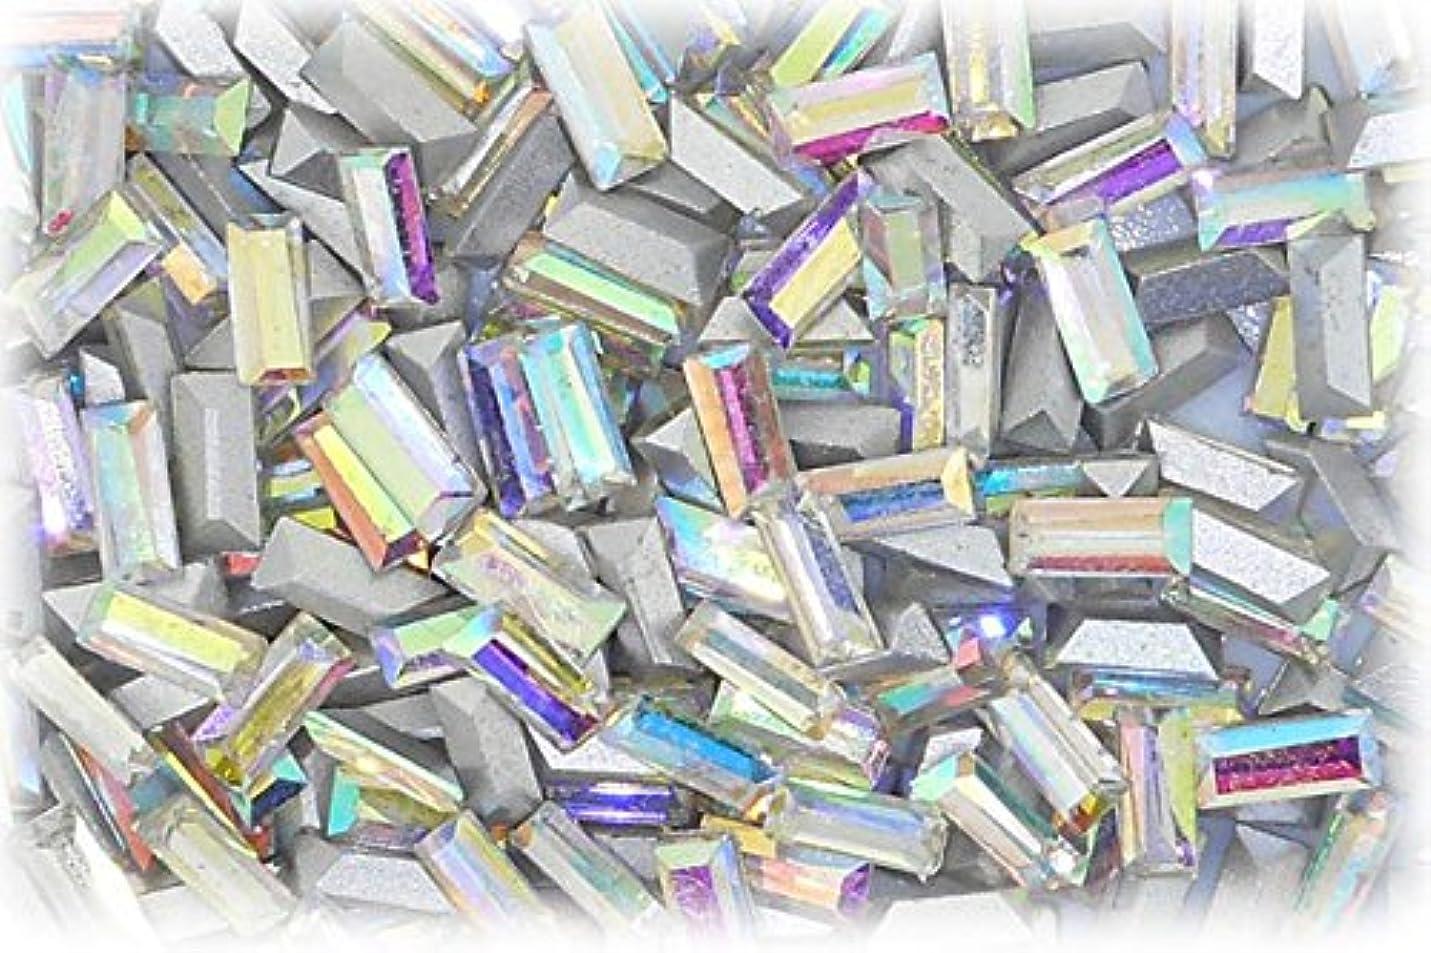 スカリーサラミ資源SHAREKI CRYSTAL Vカット (チャトン) ラインストーン バケット (四角形)レインボー 3mmx7mm 4個入りx3セット=12個  rai-3x7